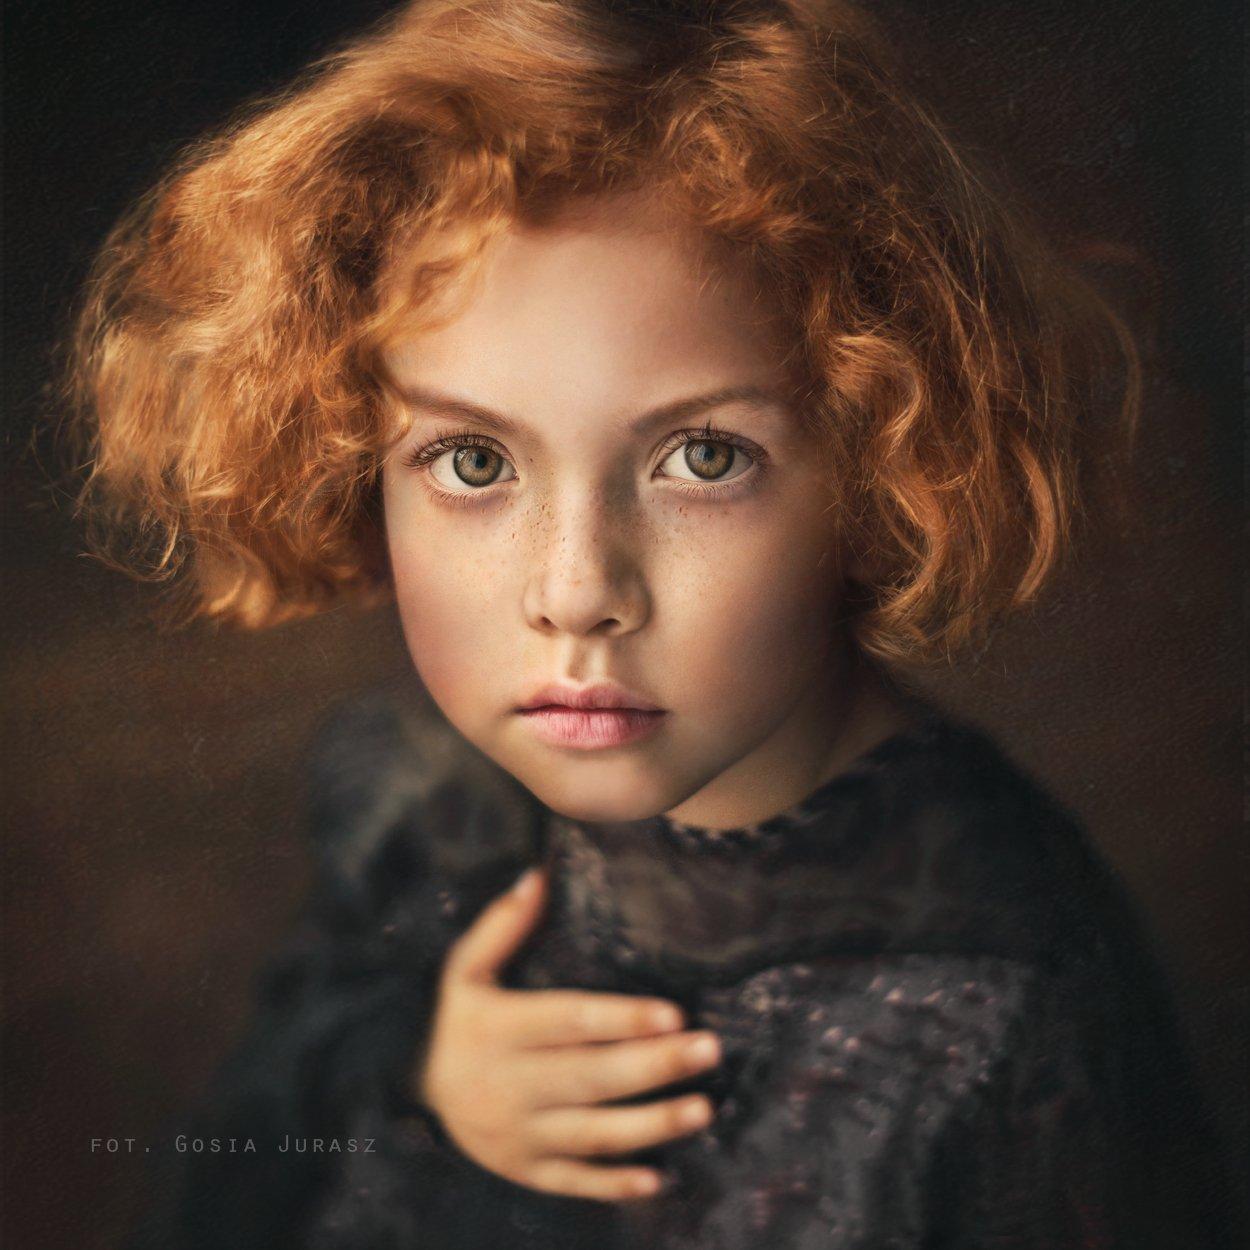 35photo, portrait, gosiajurasz, girl, portret, девушка, портрет, pentax,, Gosia Jurasz